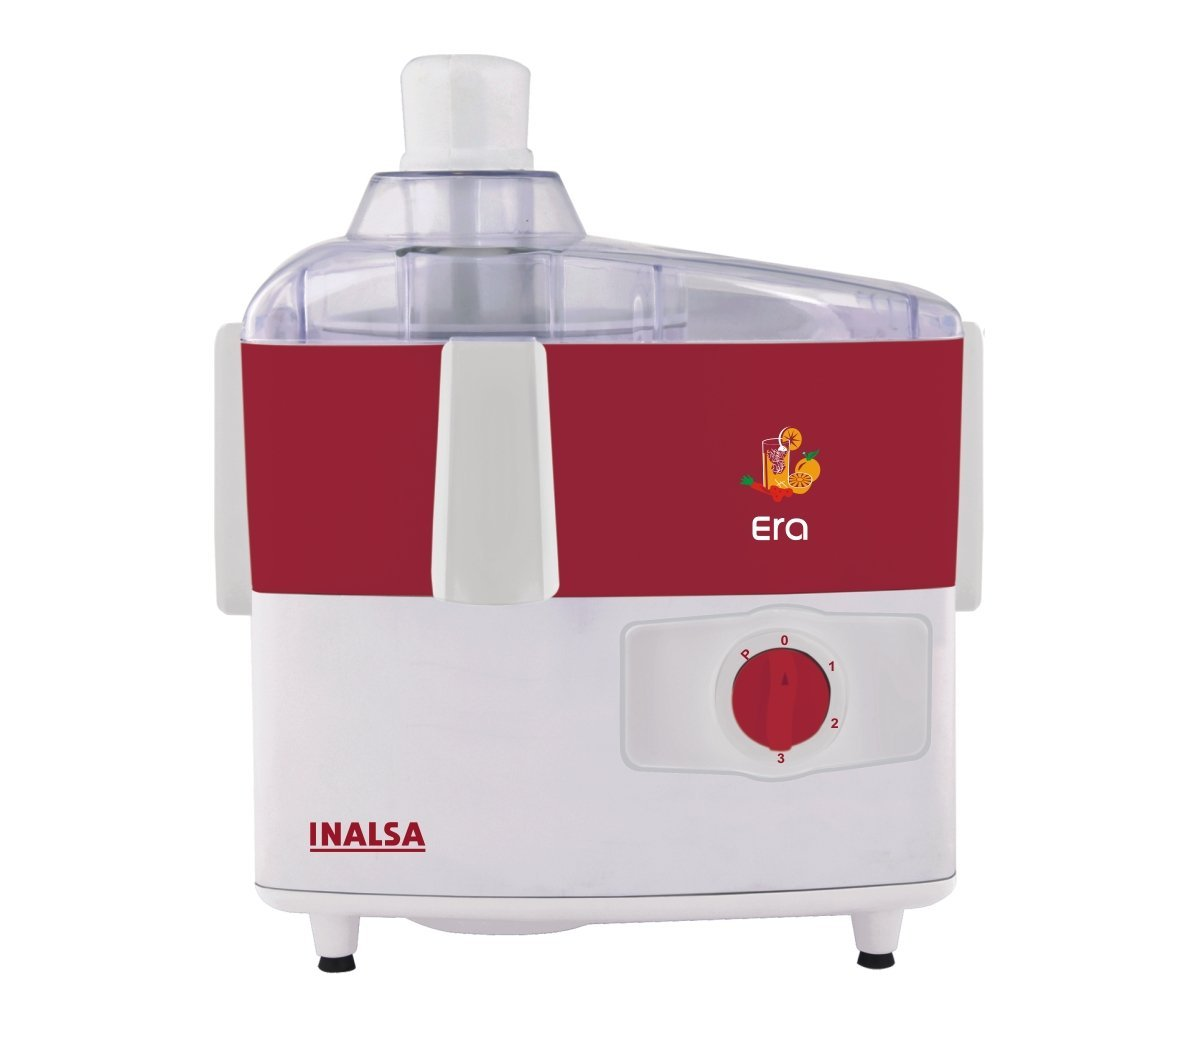 Inalsa JMG Star 2 JAR 450 Juicer Mixer